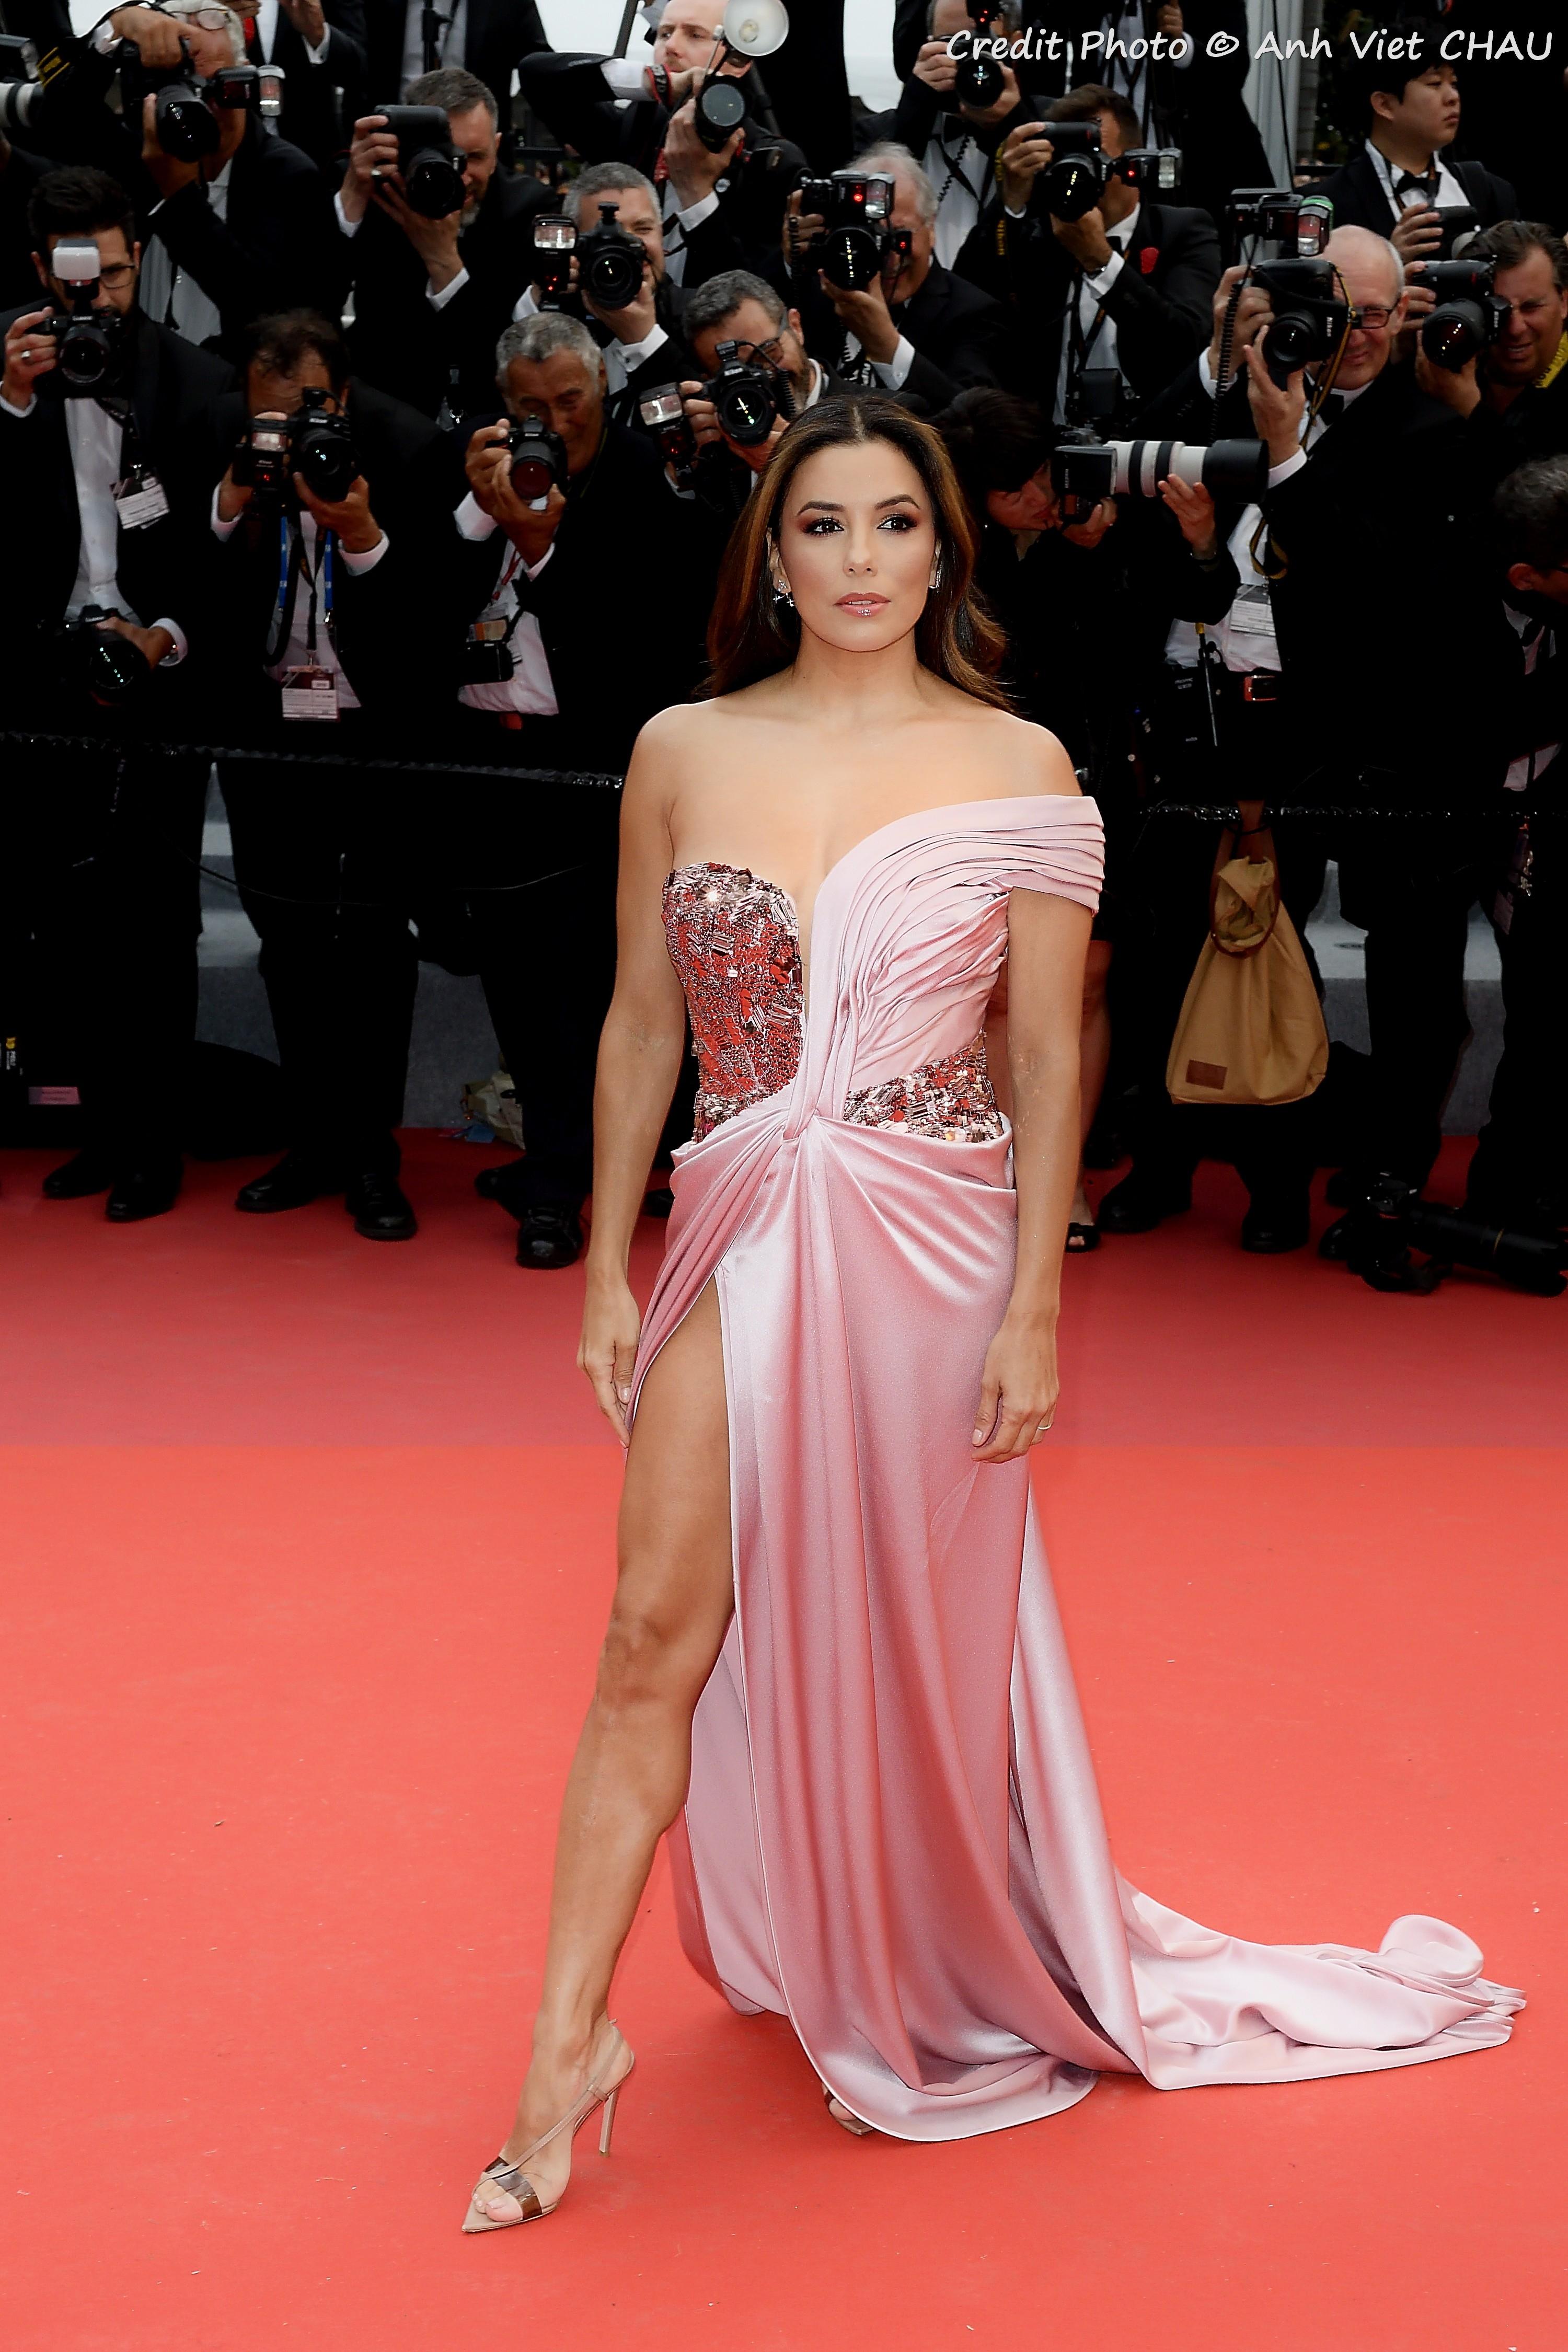 AVC_4241Festival-de-Cannes-Mardi-14-Mai-ouverture